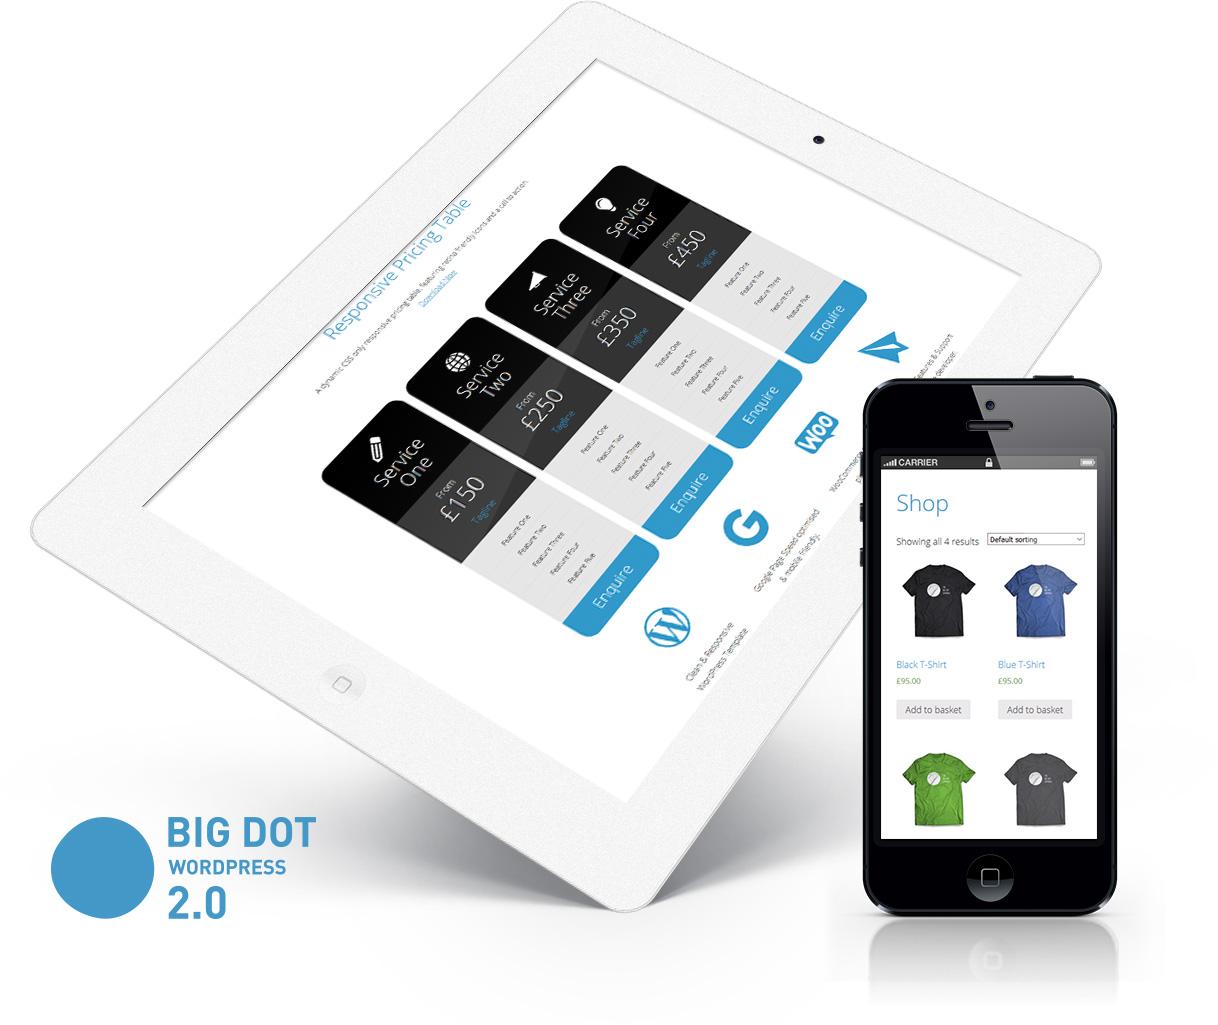 Big Dot 2.0 Free WordPress theme